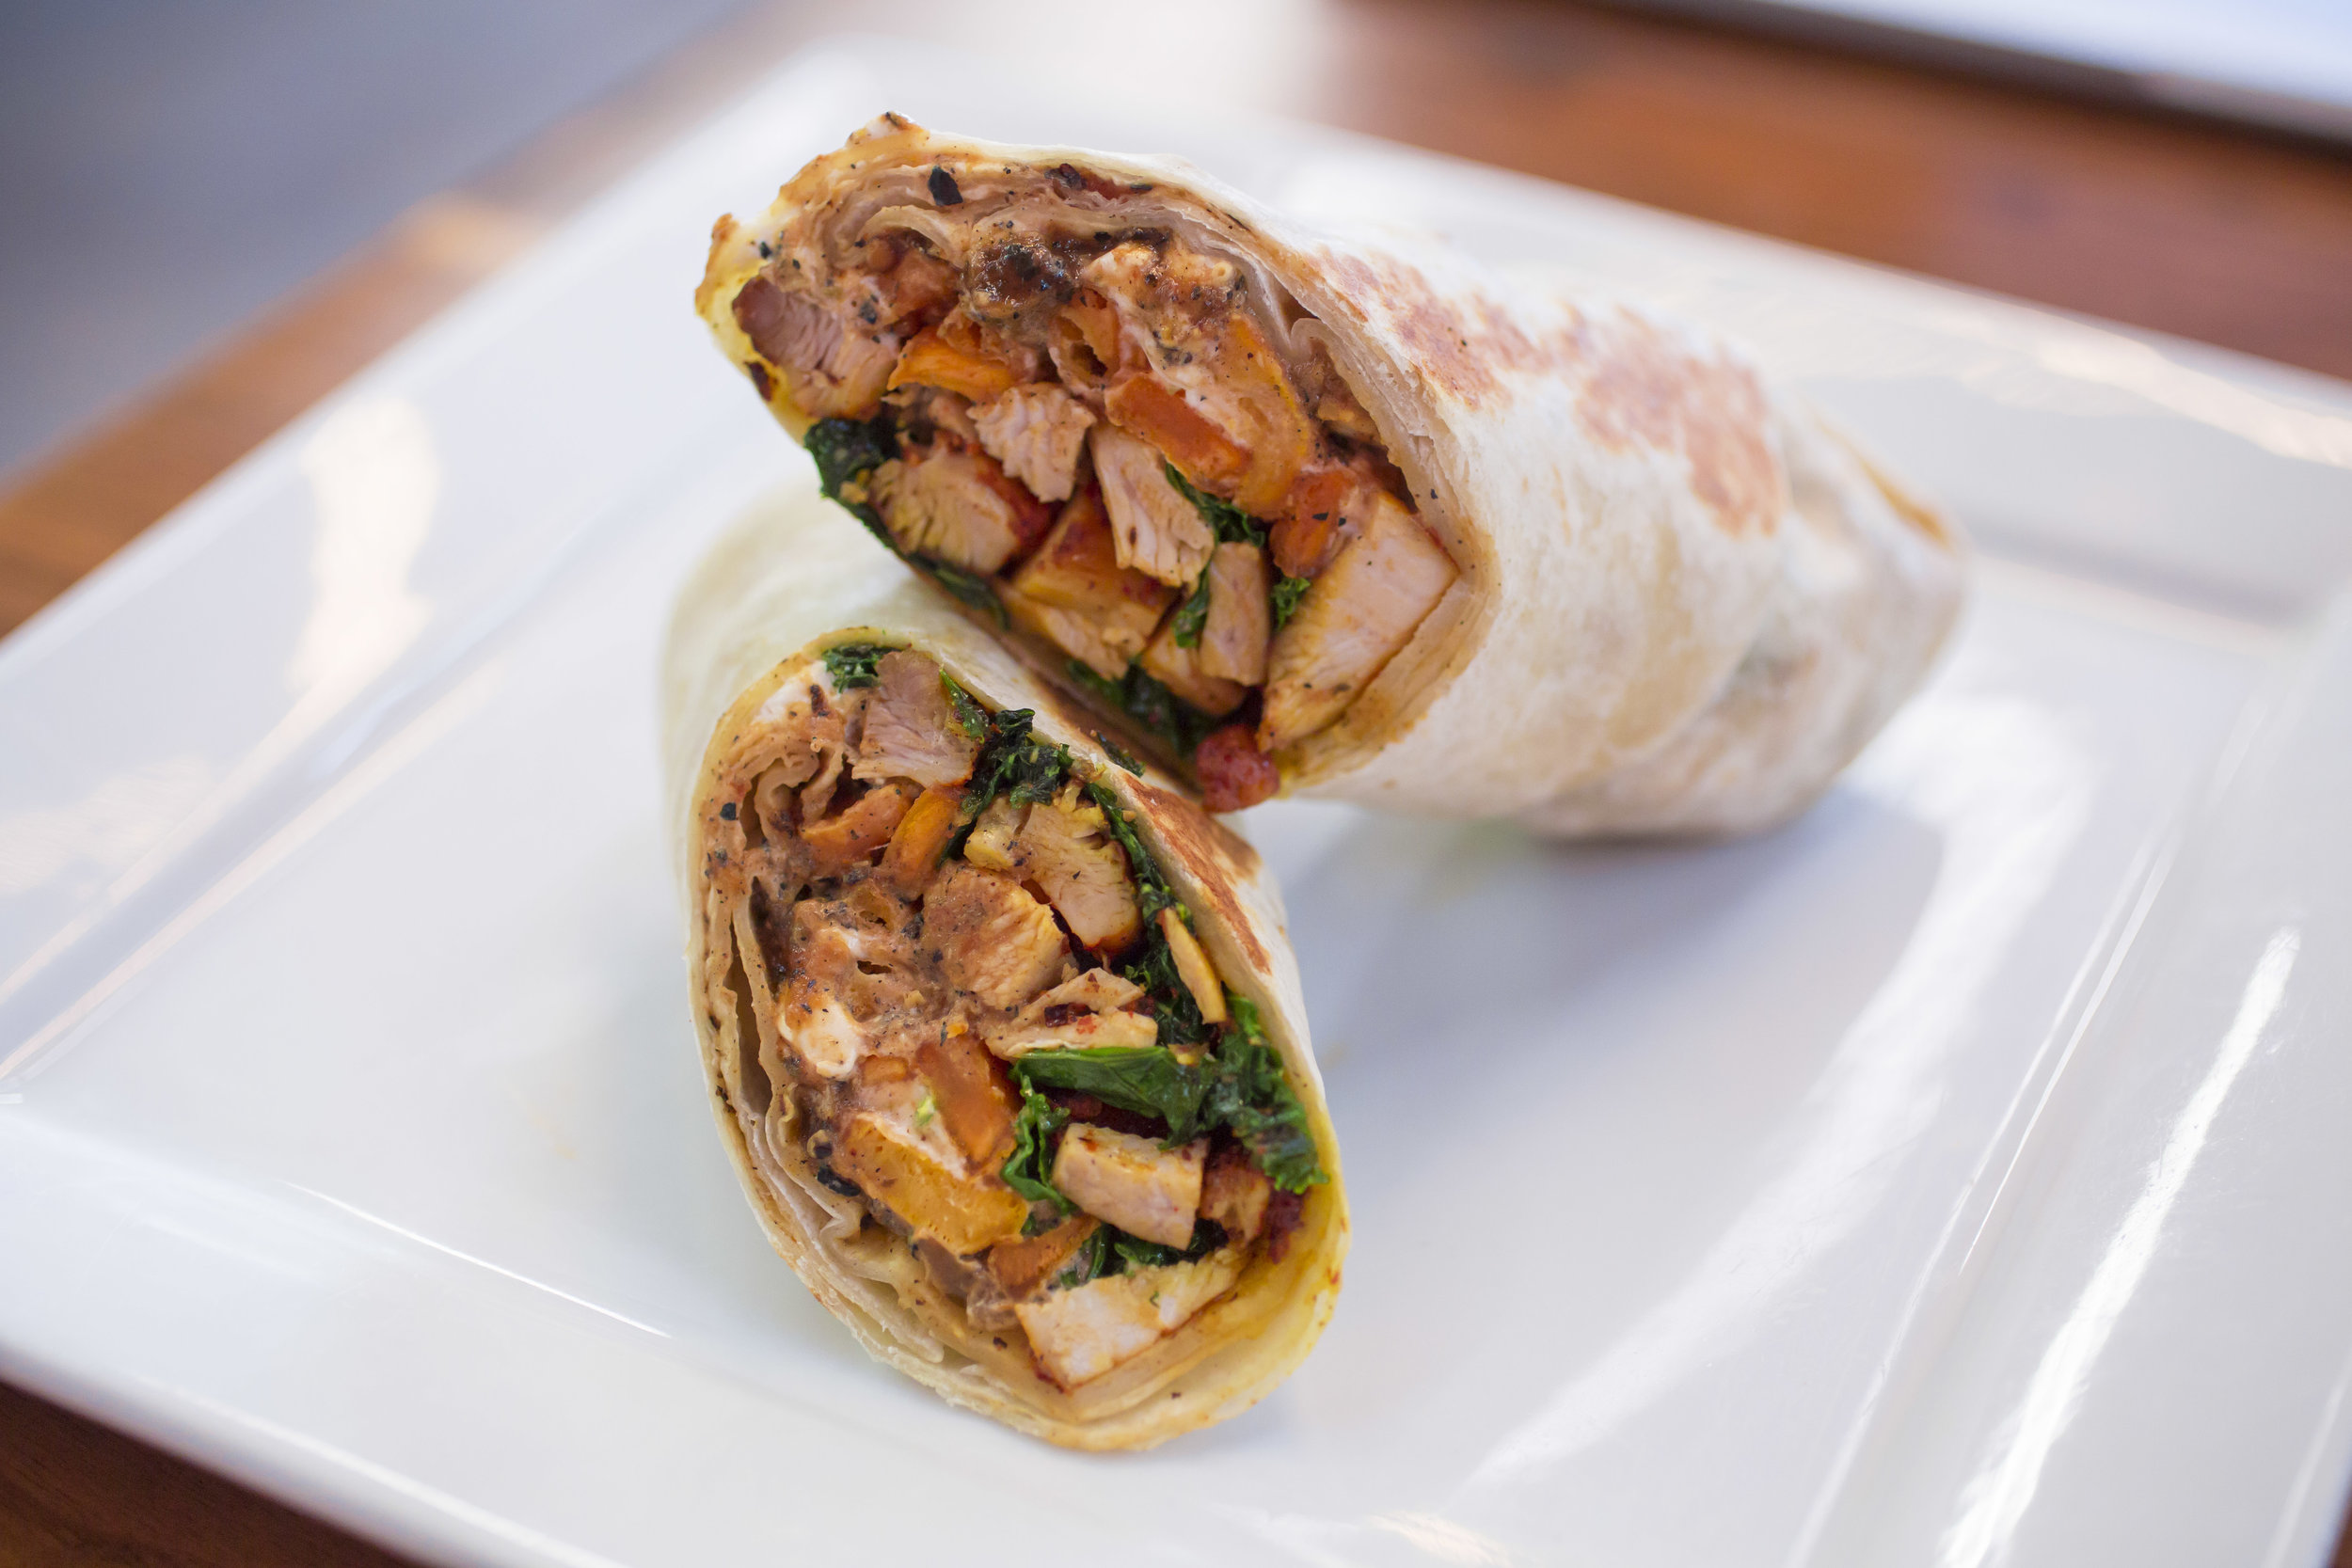 BREAKFAST BURRITOS/SANDWICHES